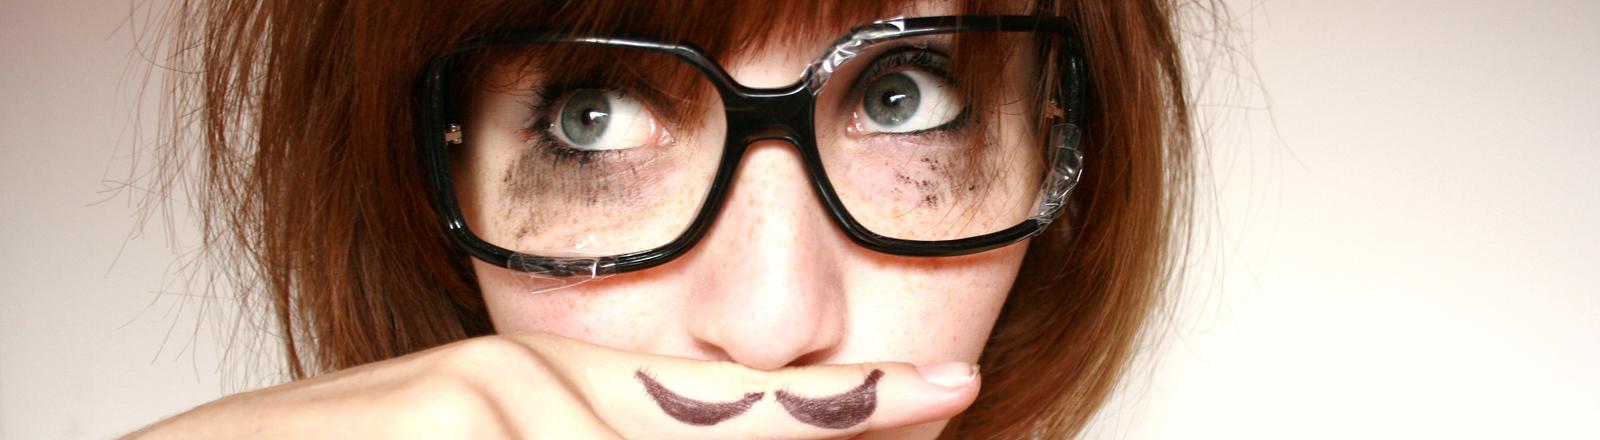 Eine Frau mit Brille hält sich einen Finger mit aufgemaltem Schnurbart an den Mund.